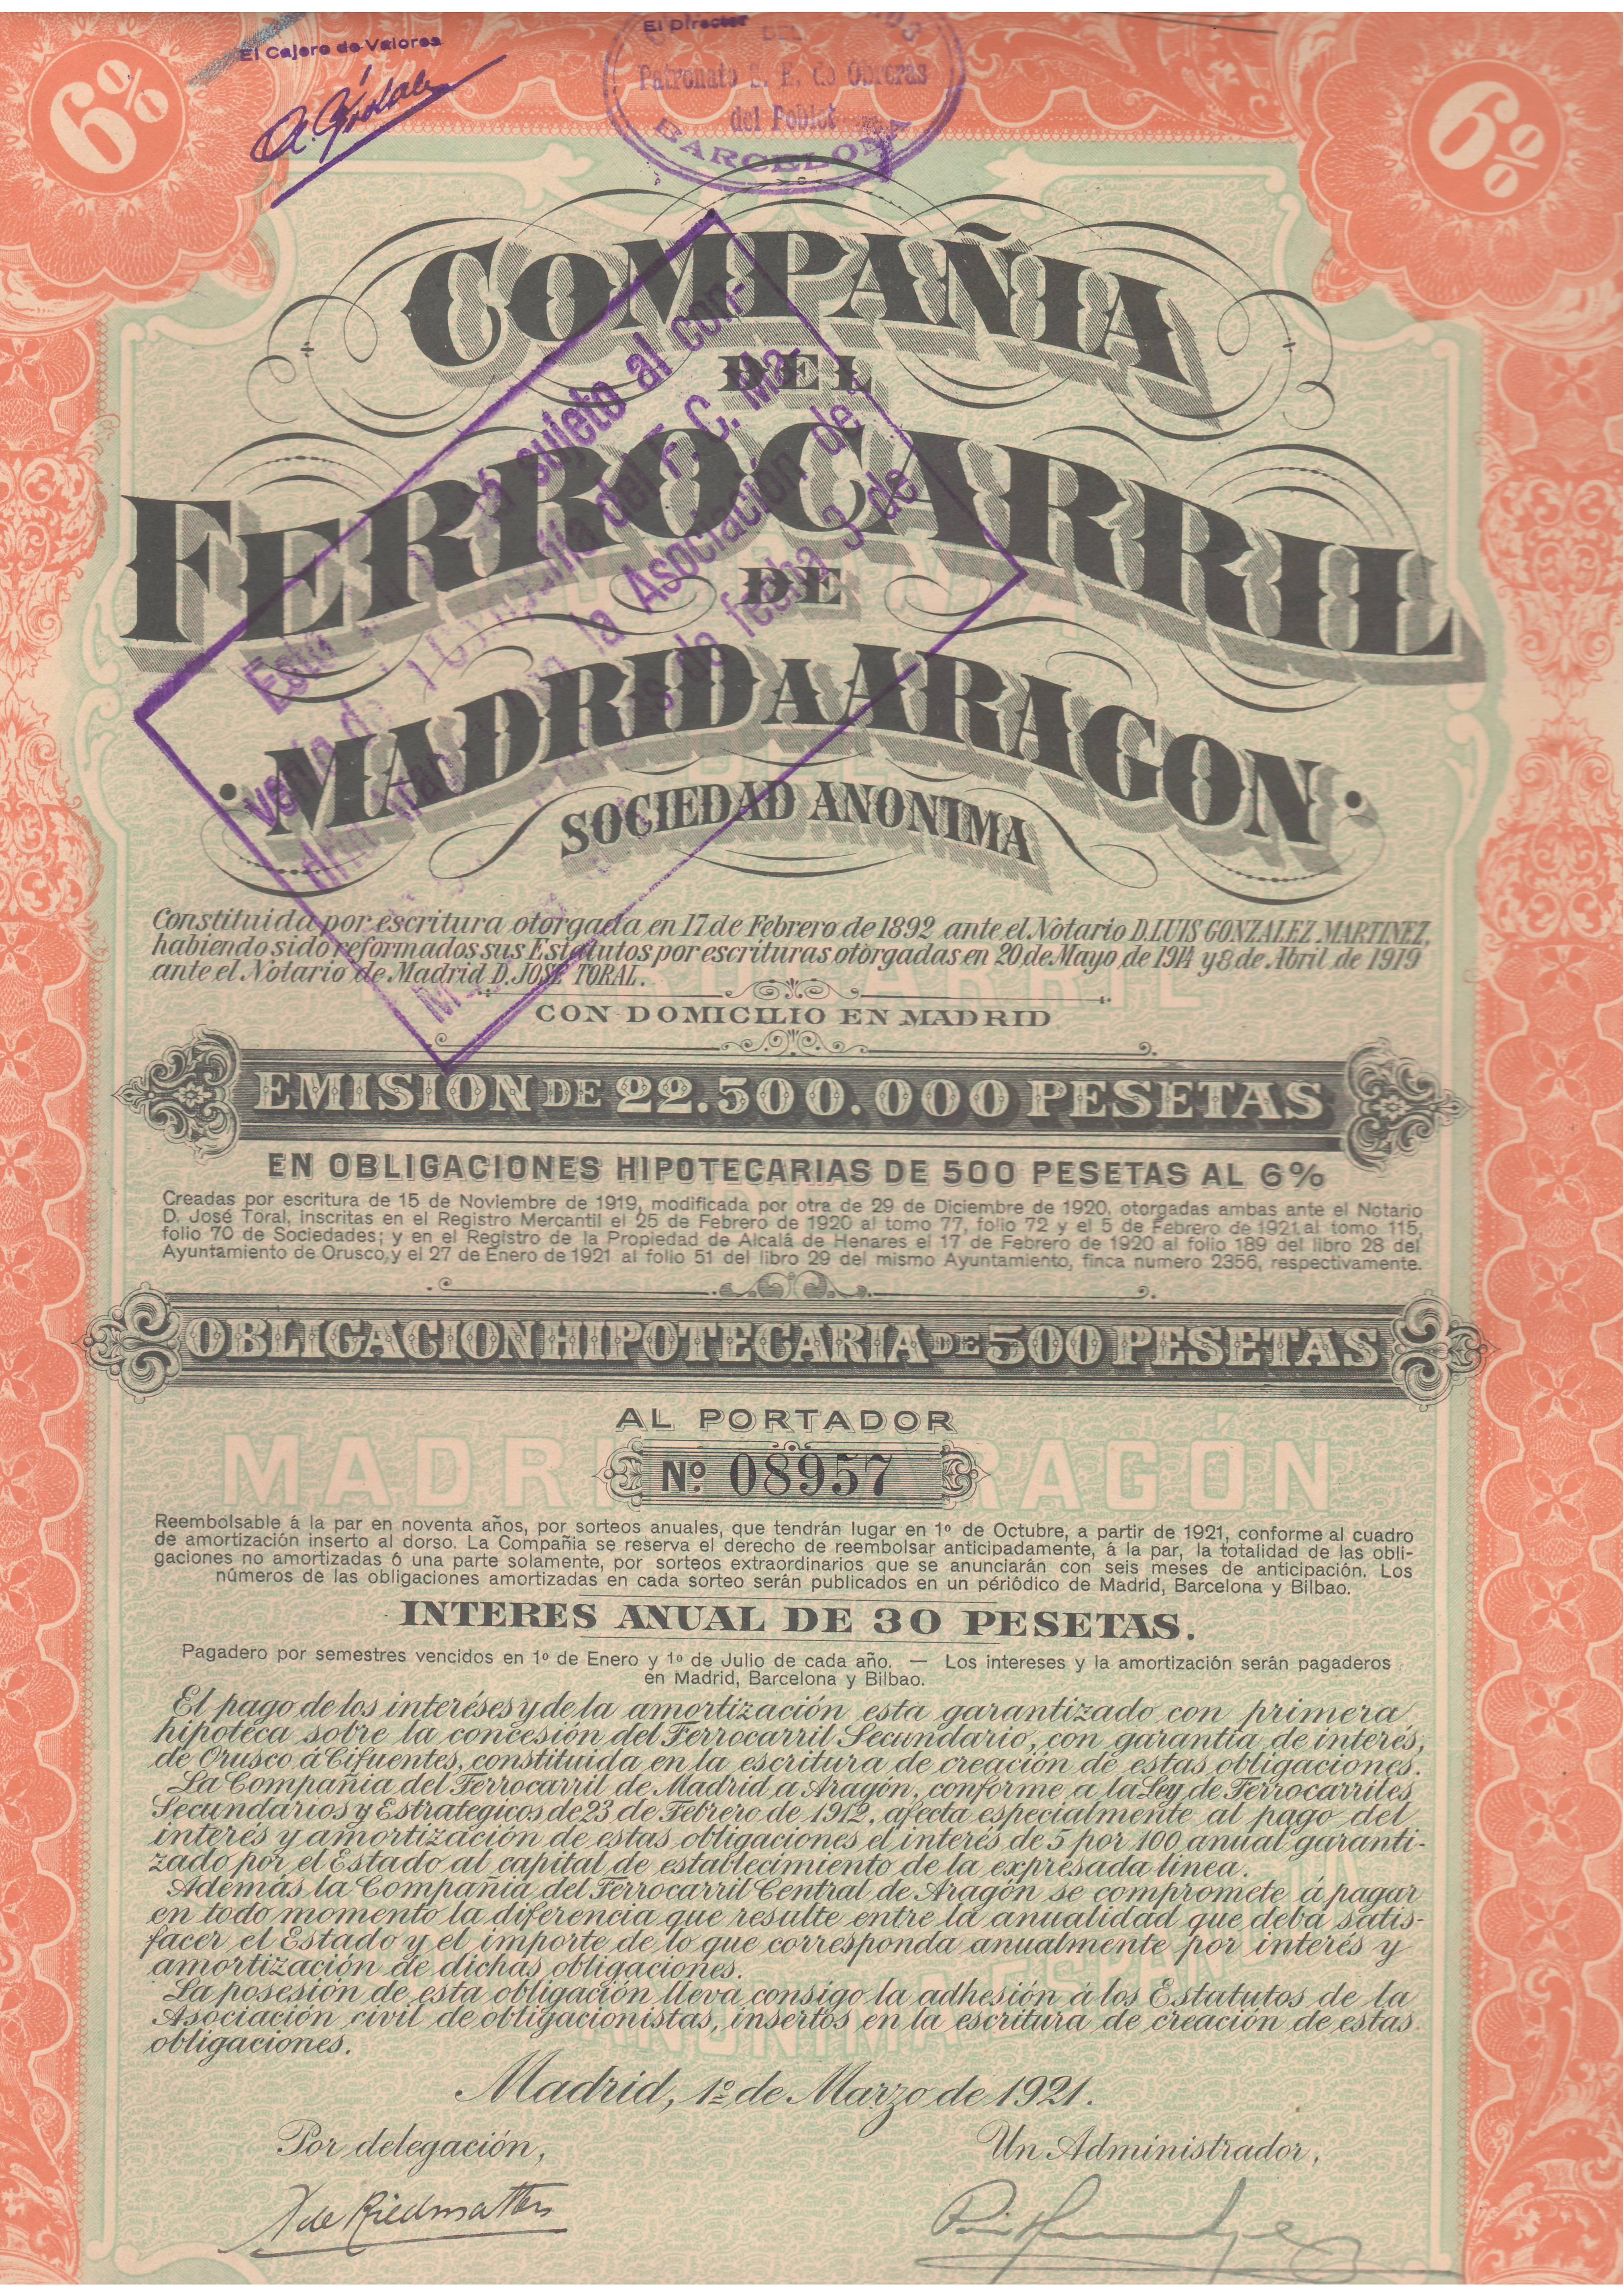 Compañía del Ferrocarril de Madrid a Aragón